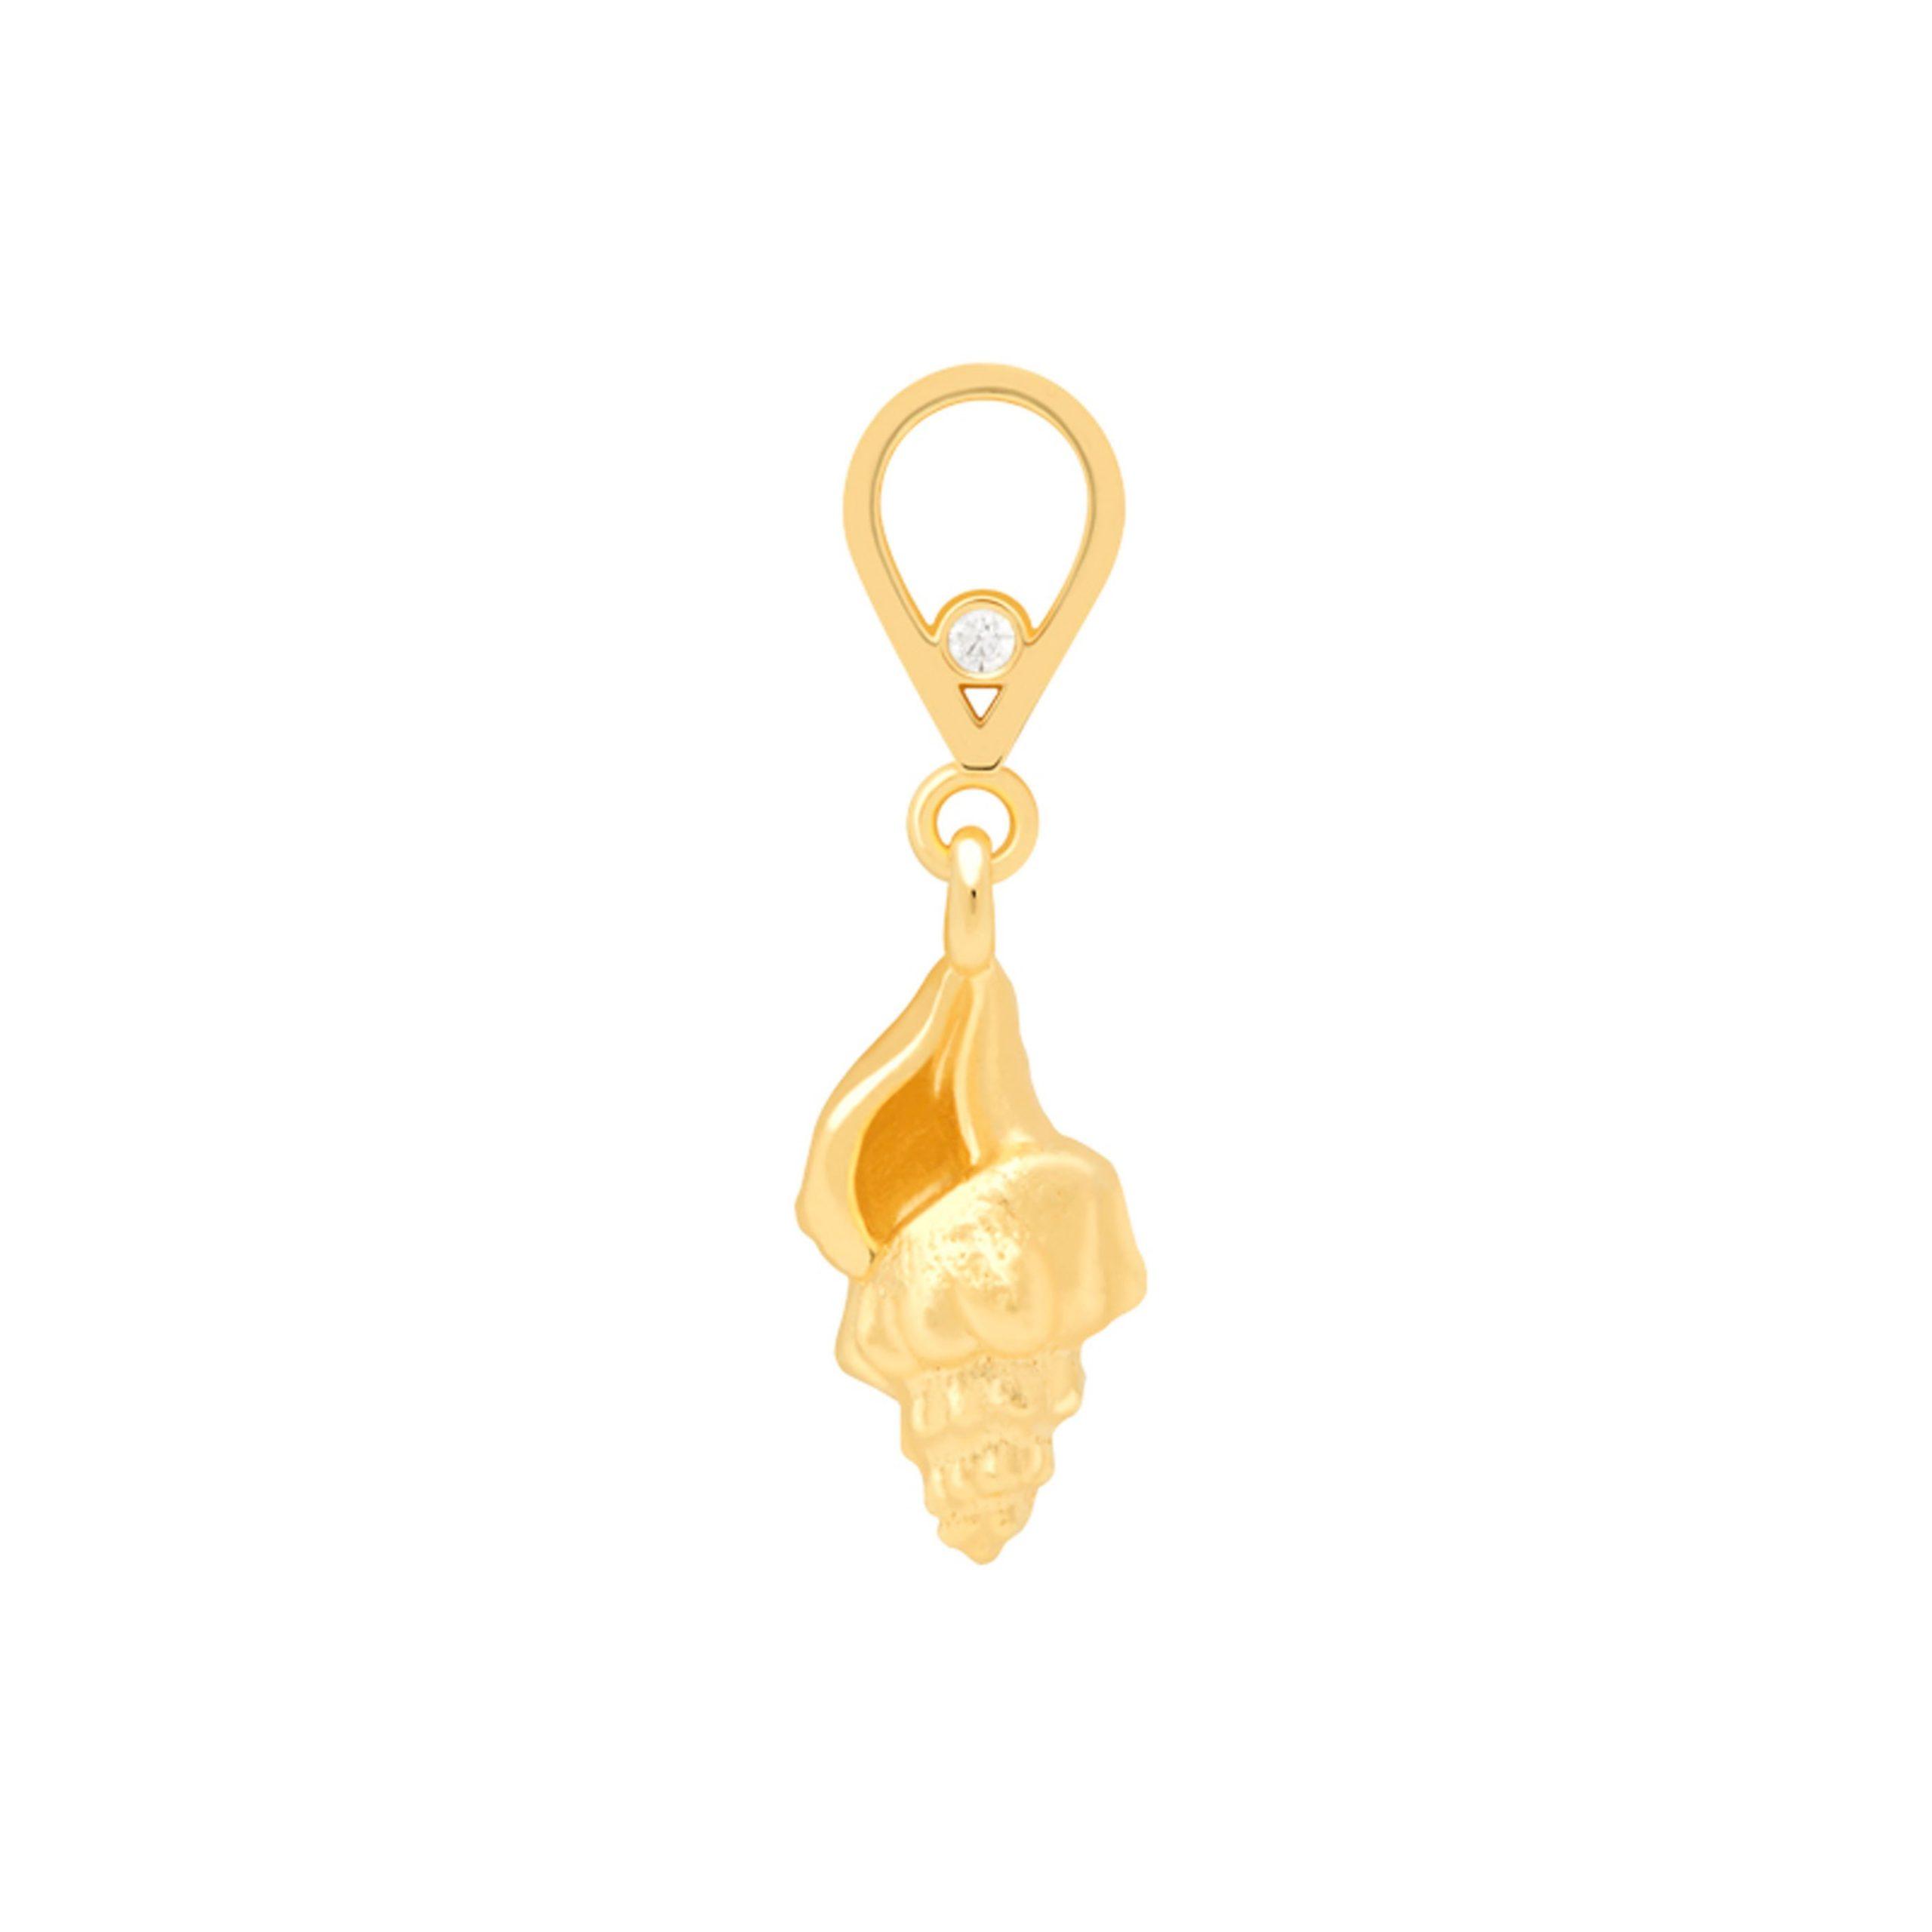 WHELK SHELL EARRING CHARM GOLD